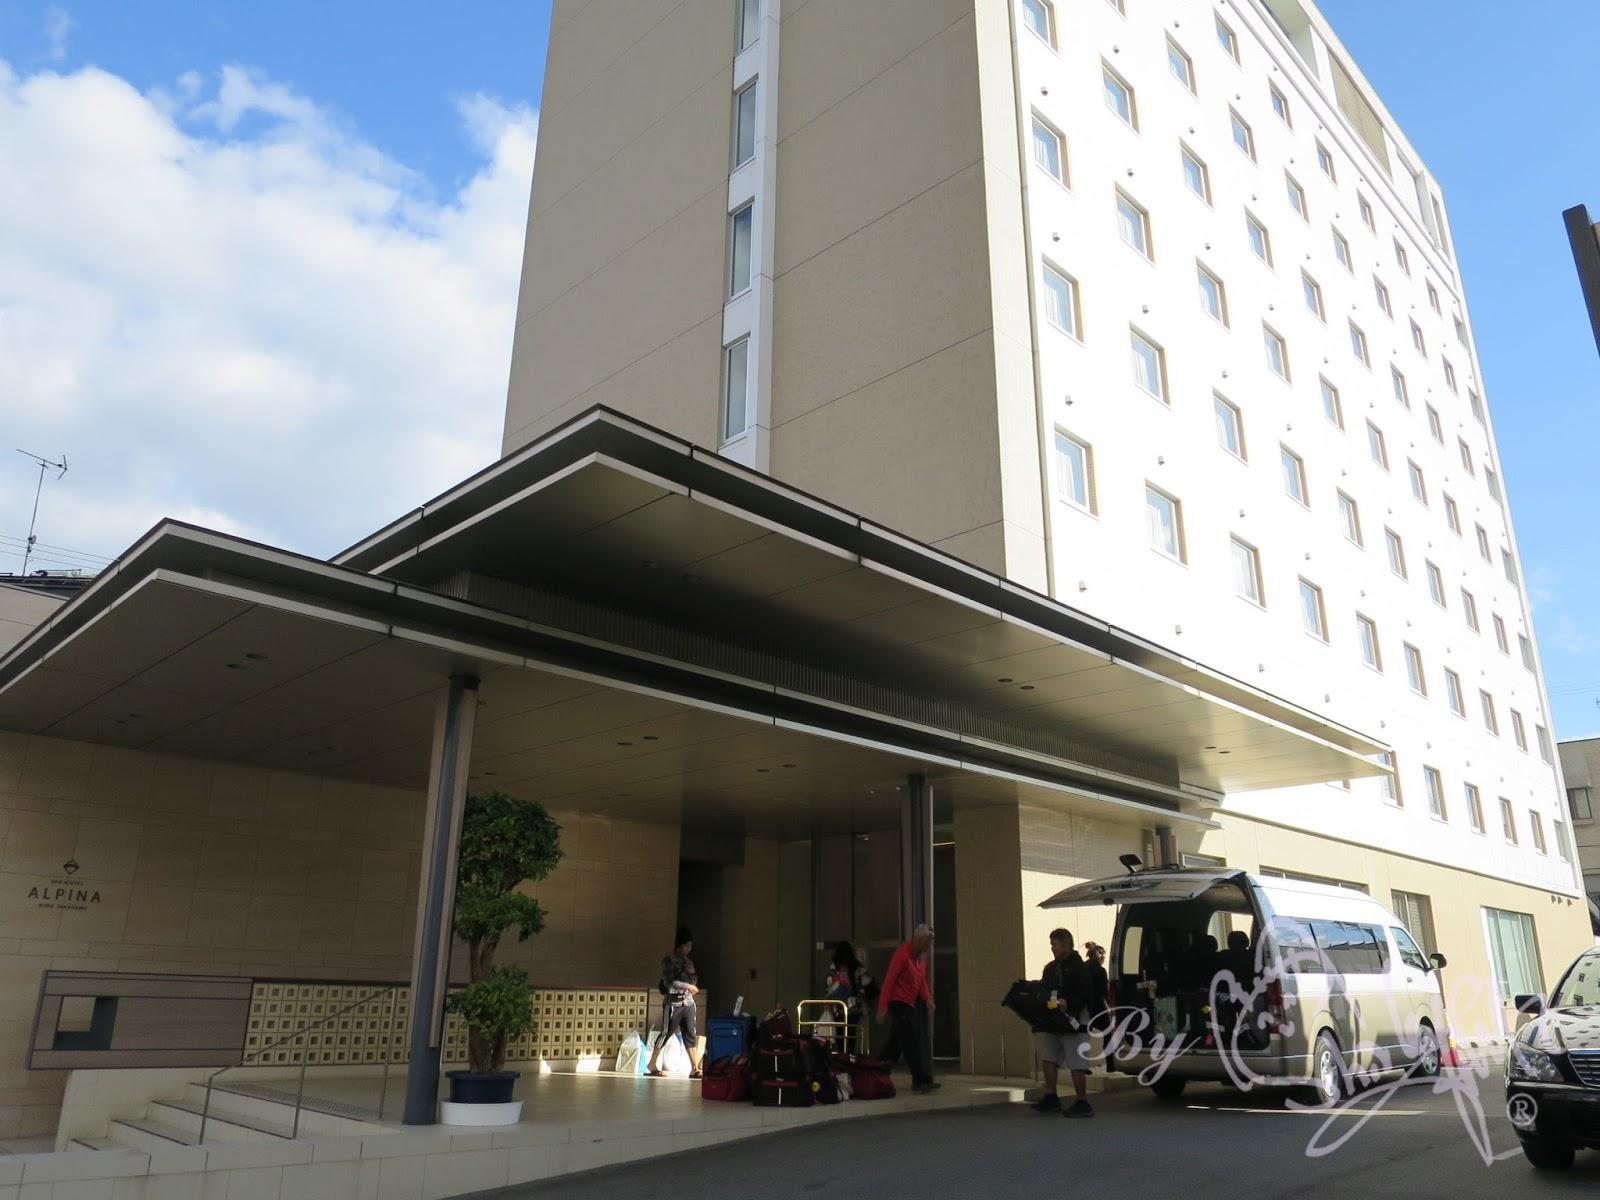 我的遊記 Day スパホテルアルピナ飛騨高山SPA Hotel - Spa hotel alpina takayama